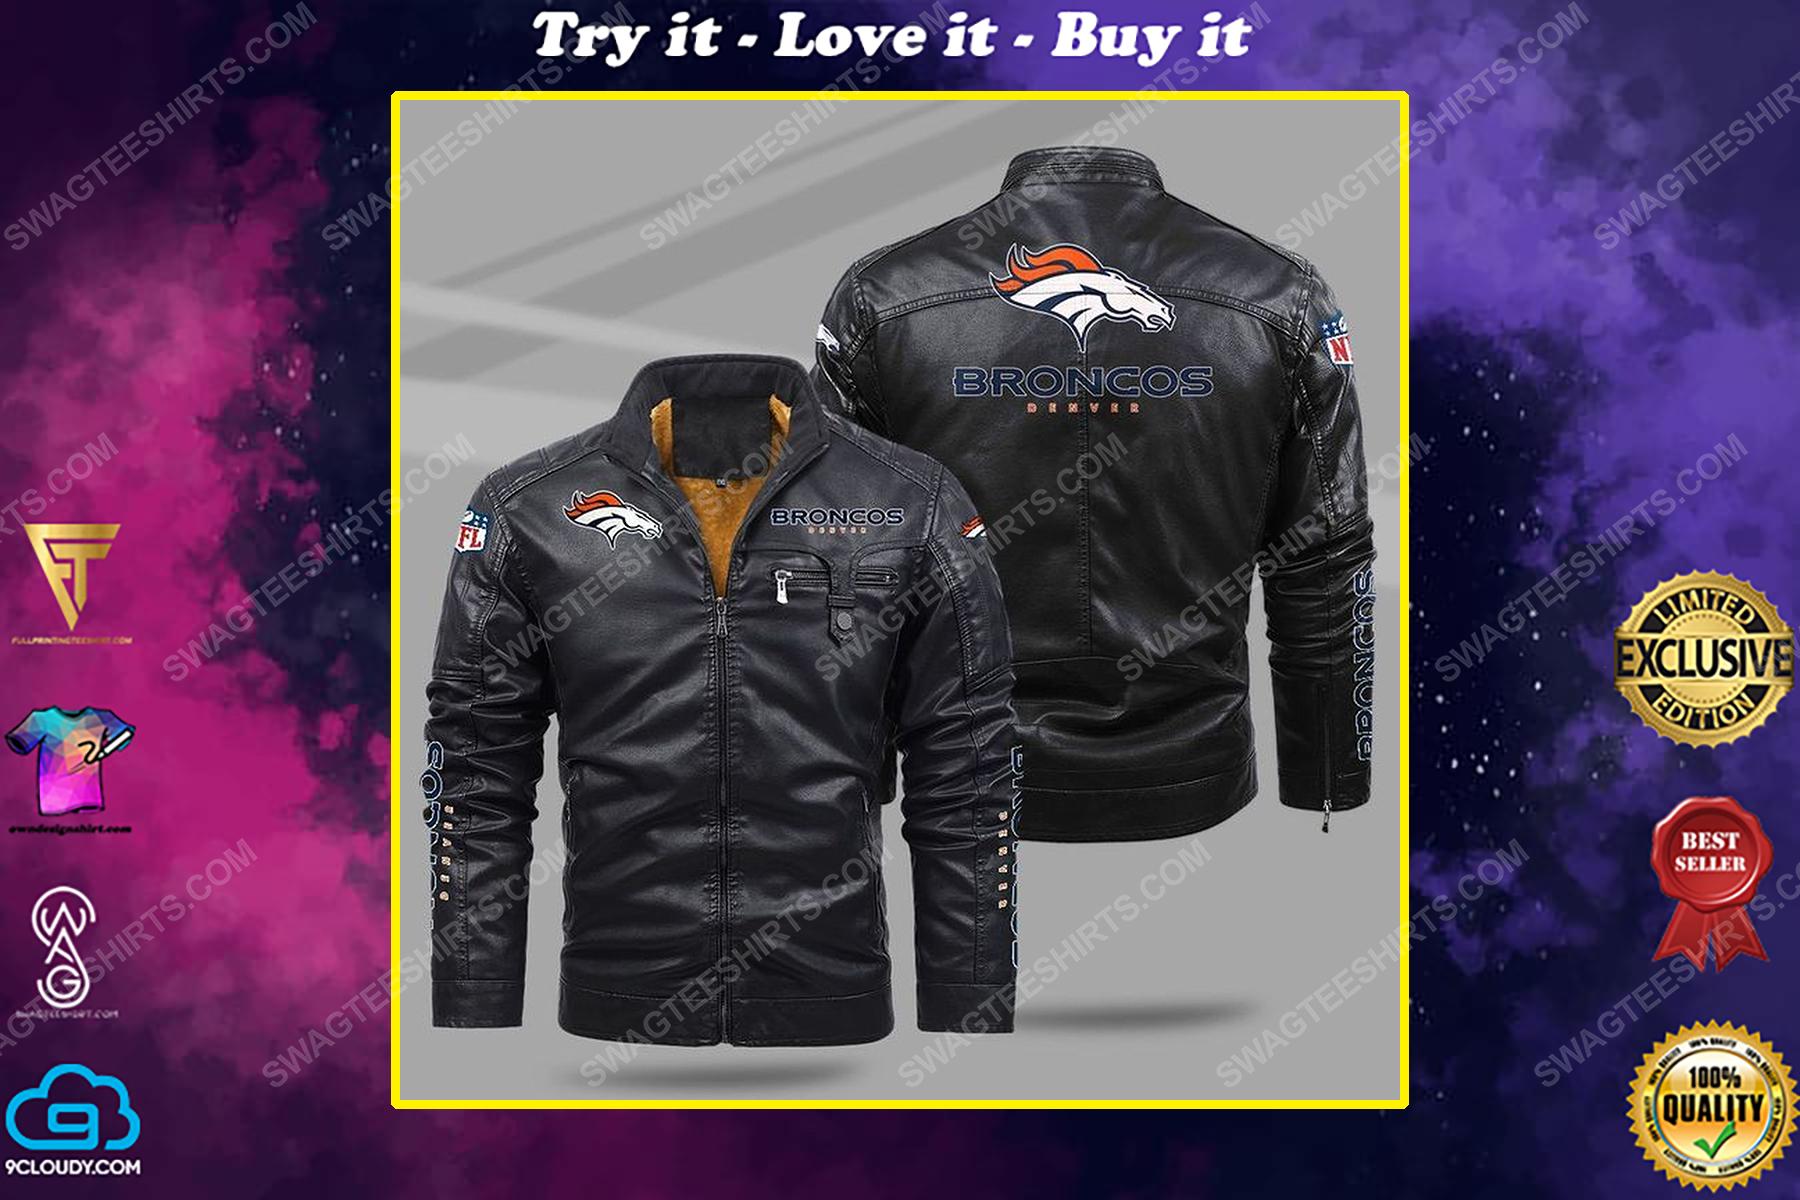 The denver broncos nfl all over print fleece leather jacket